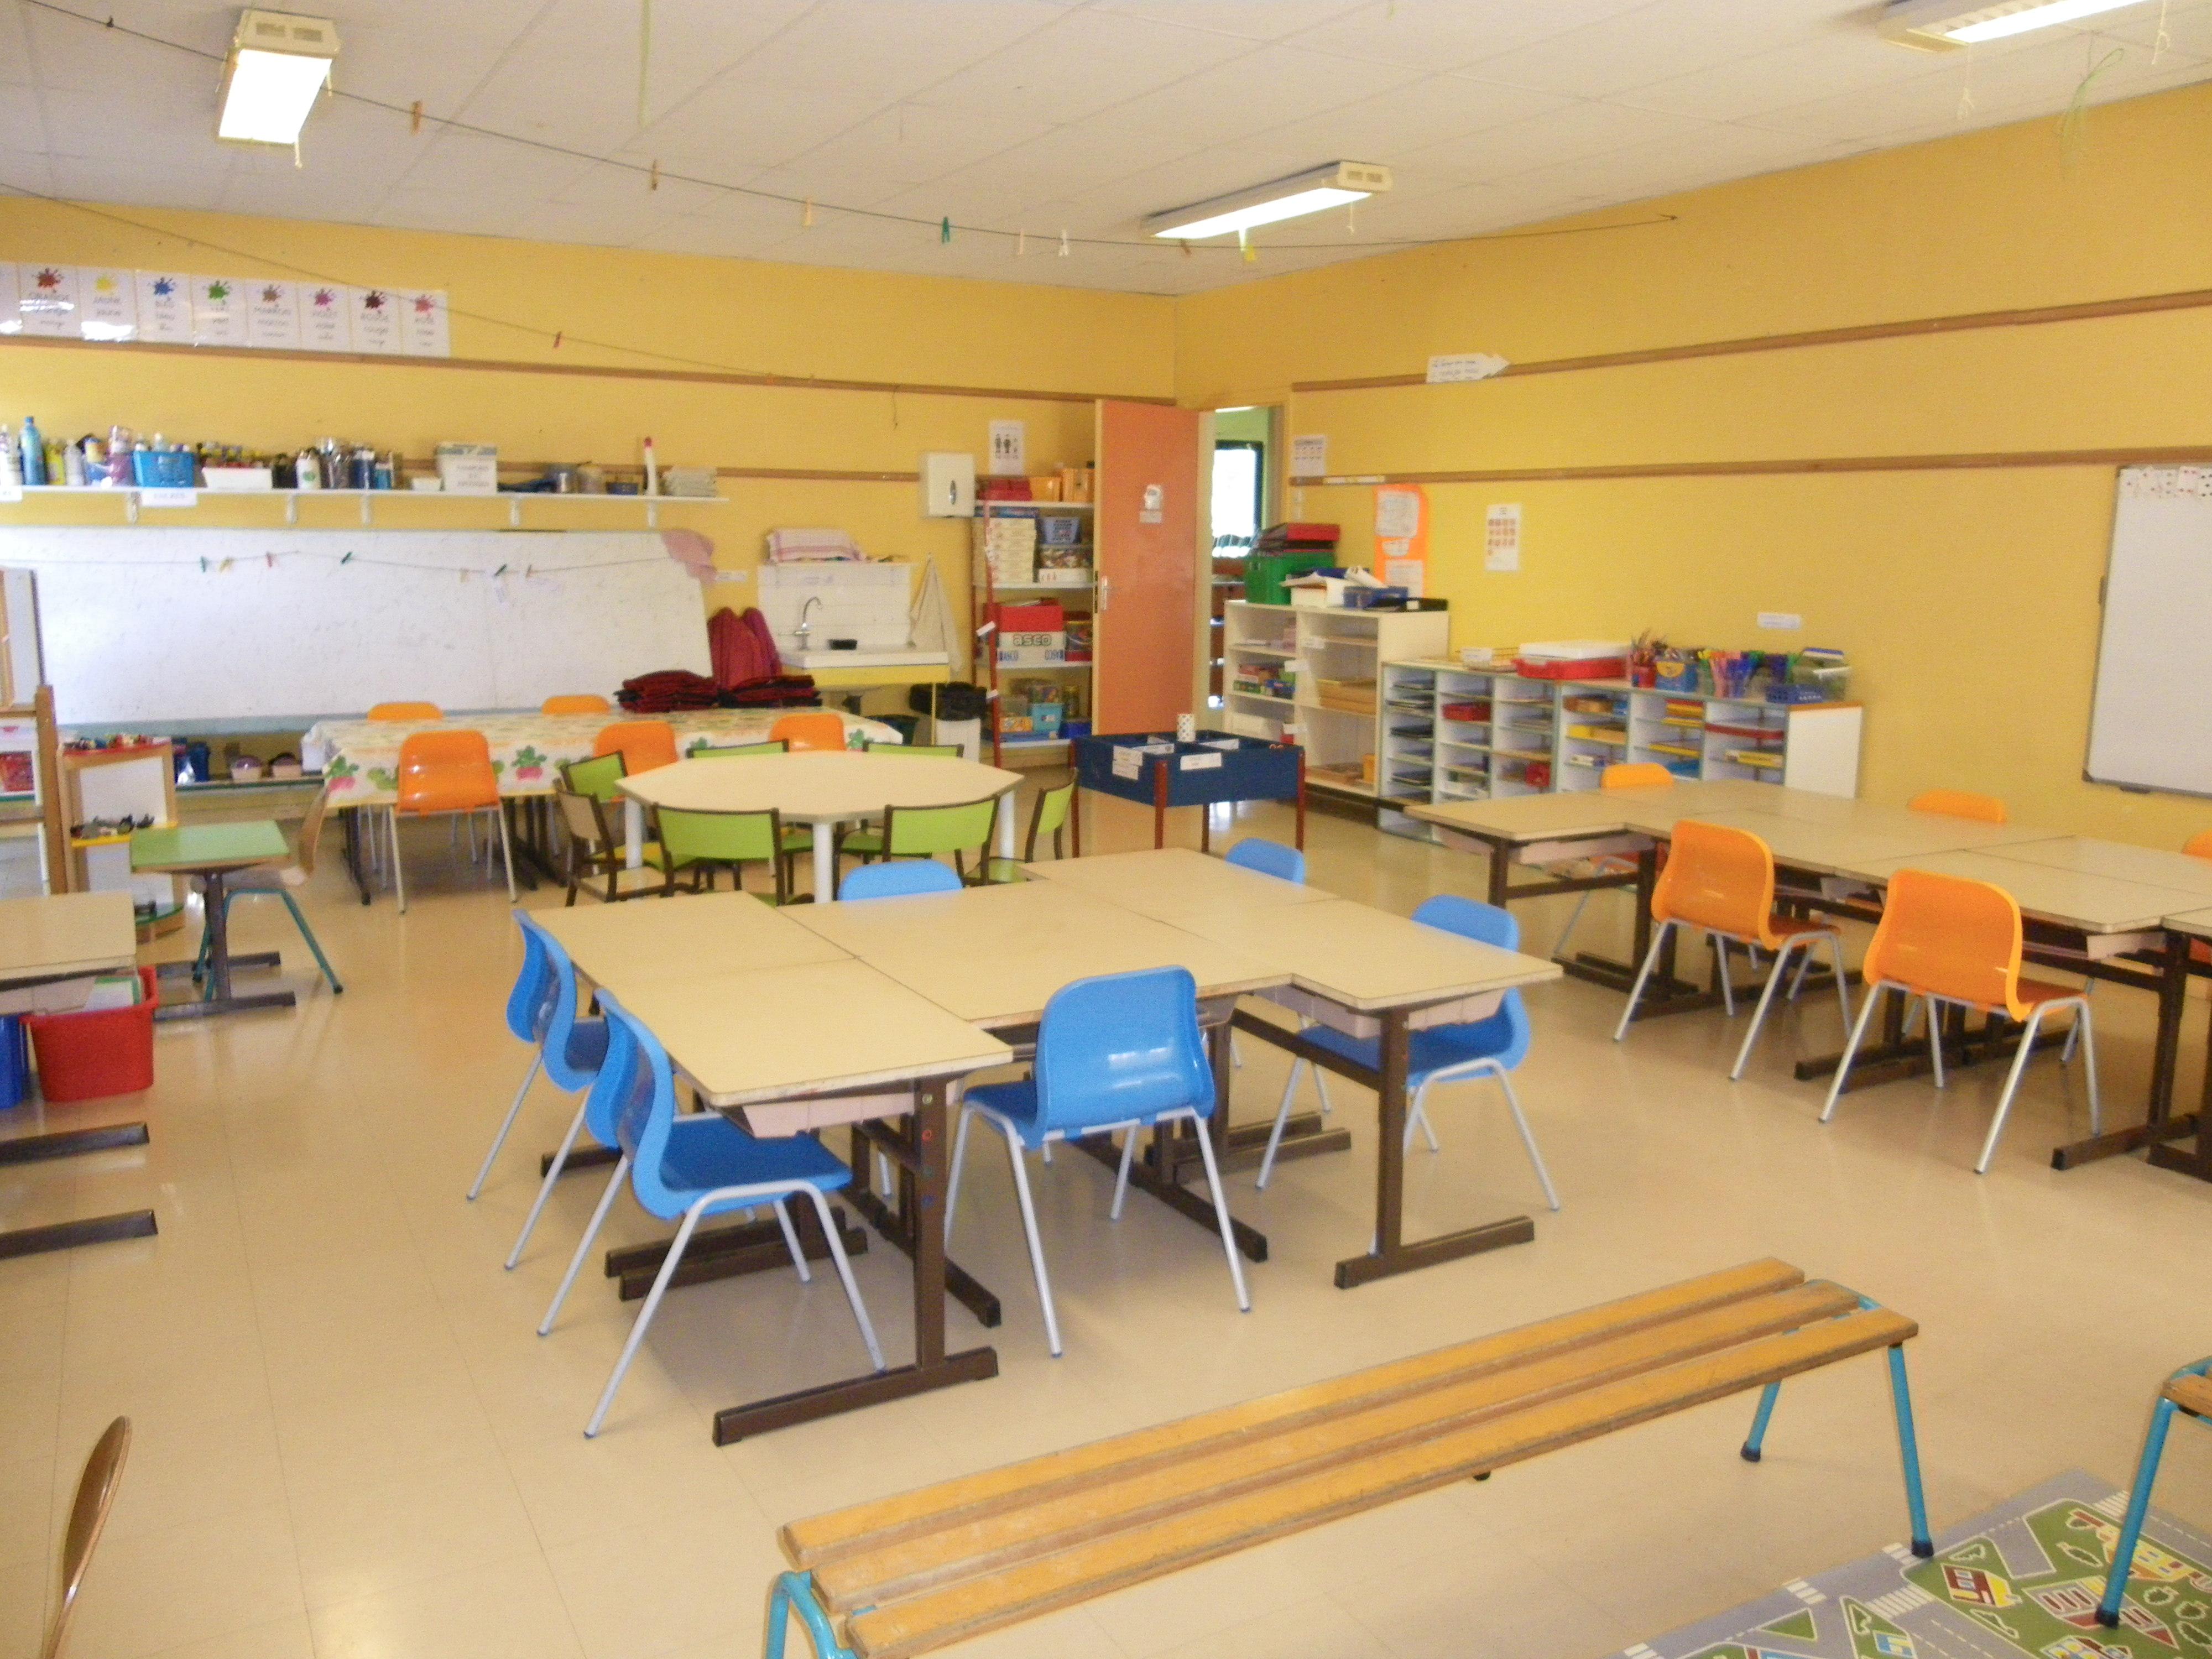 Ecole maternelle mairie de flesselles - Image classe maternelle ...